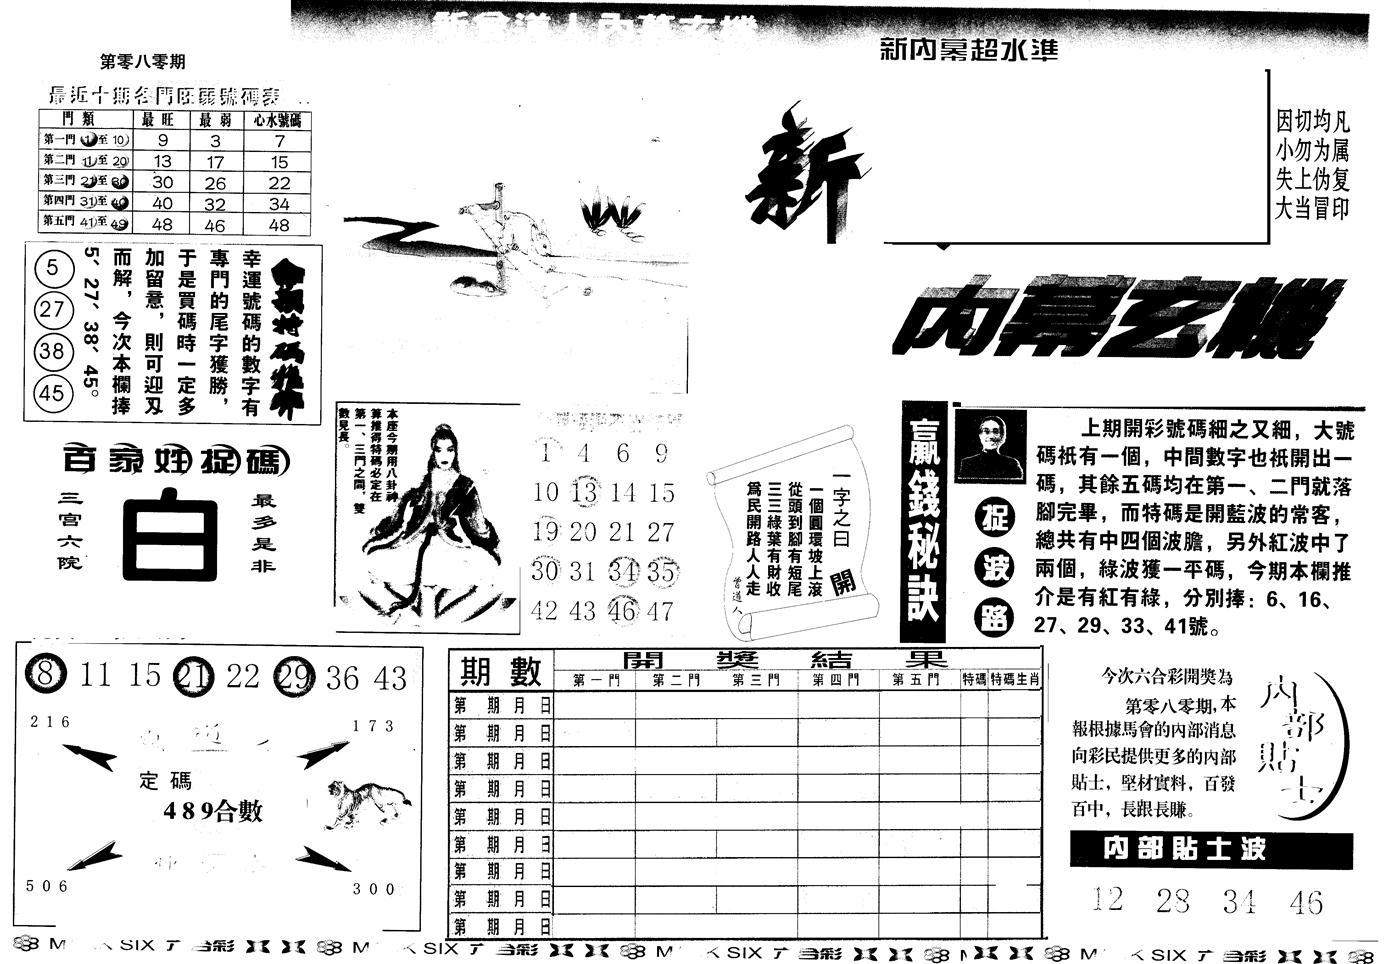 080期另版新内幕A(黑白)